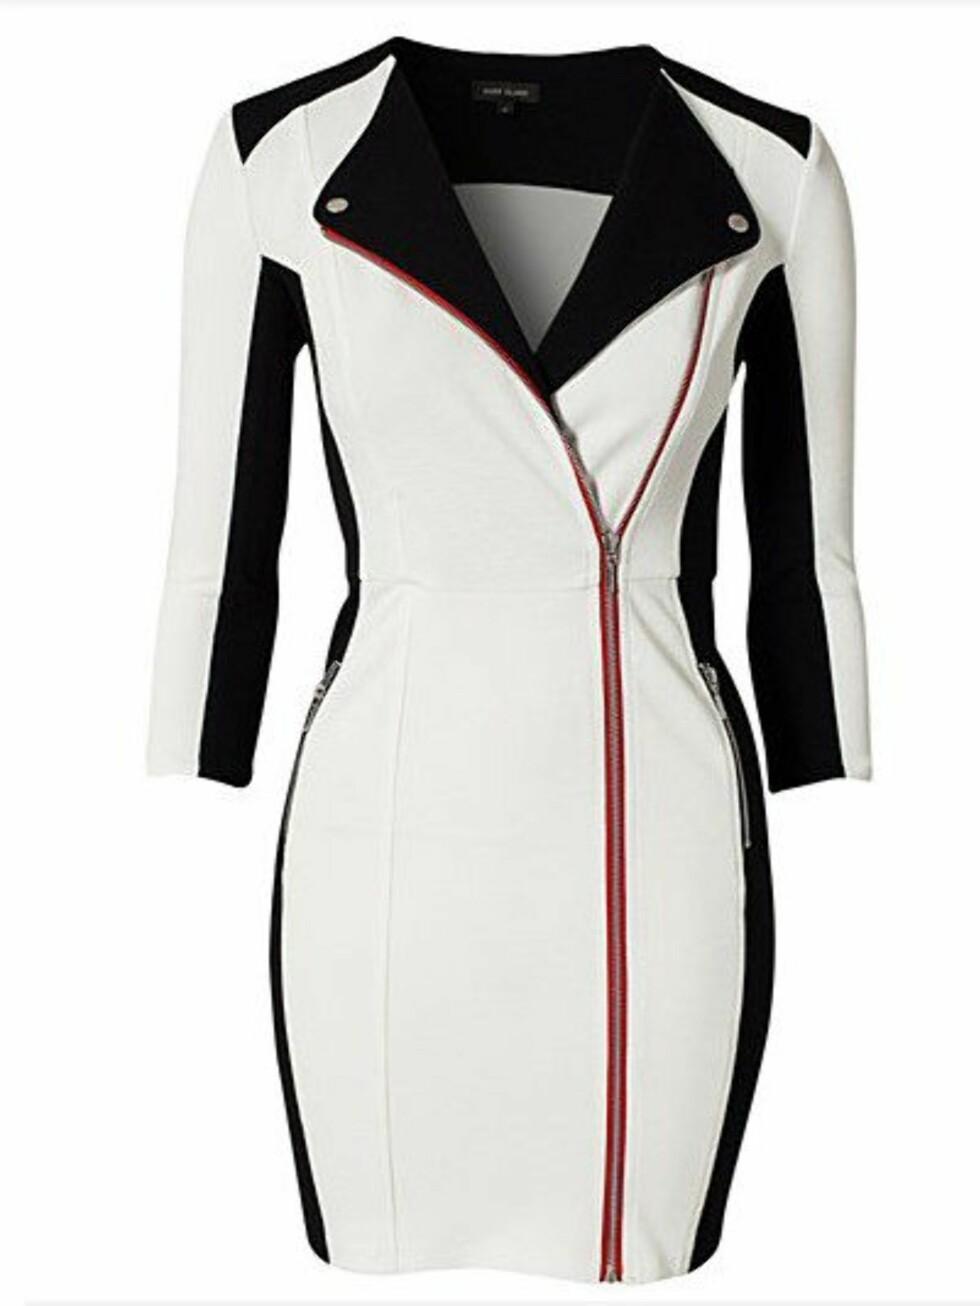 Stilig jakkeinspirert kjole fra River Islan. 449 kroner, Nelly.com. Foto: Produsenten